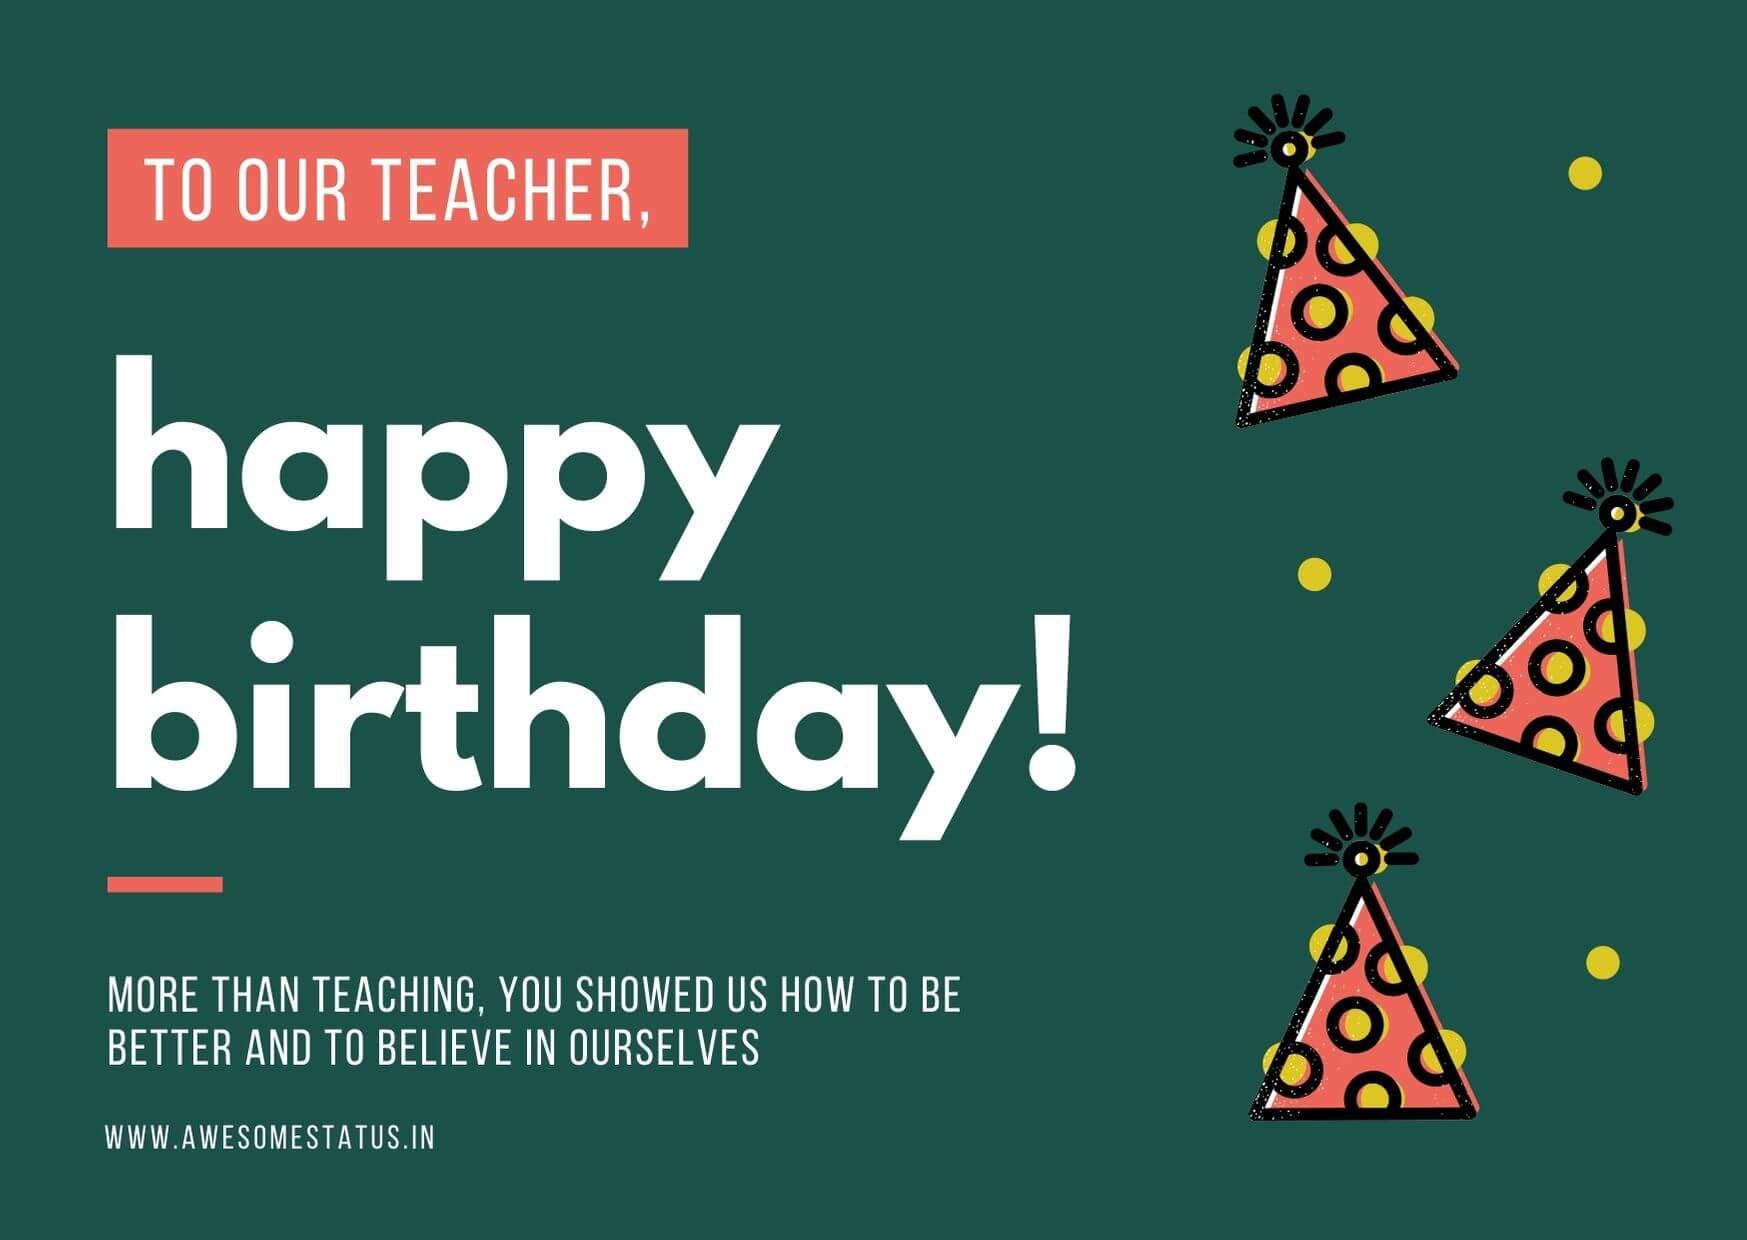 greeting for teacher for birthday